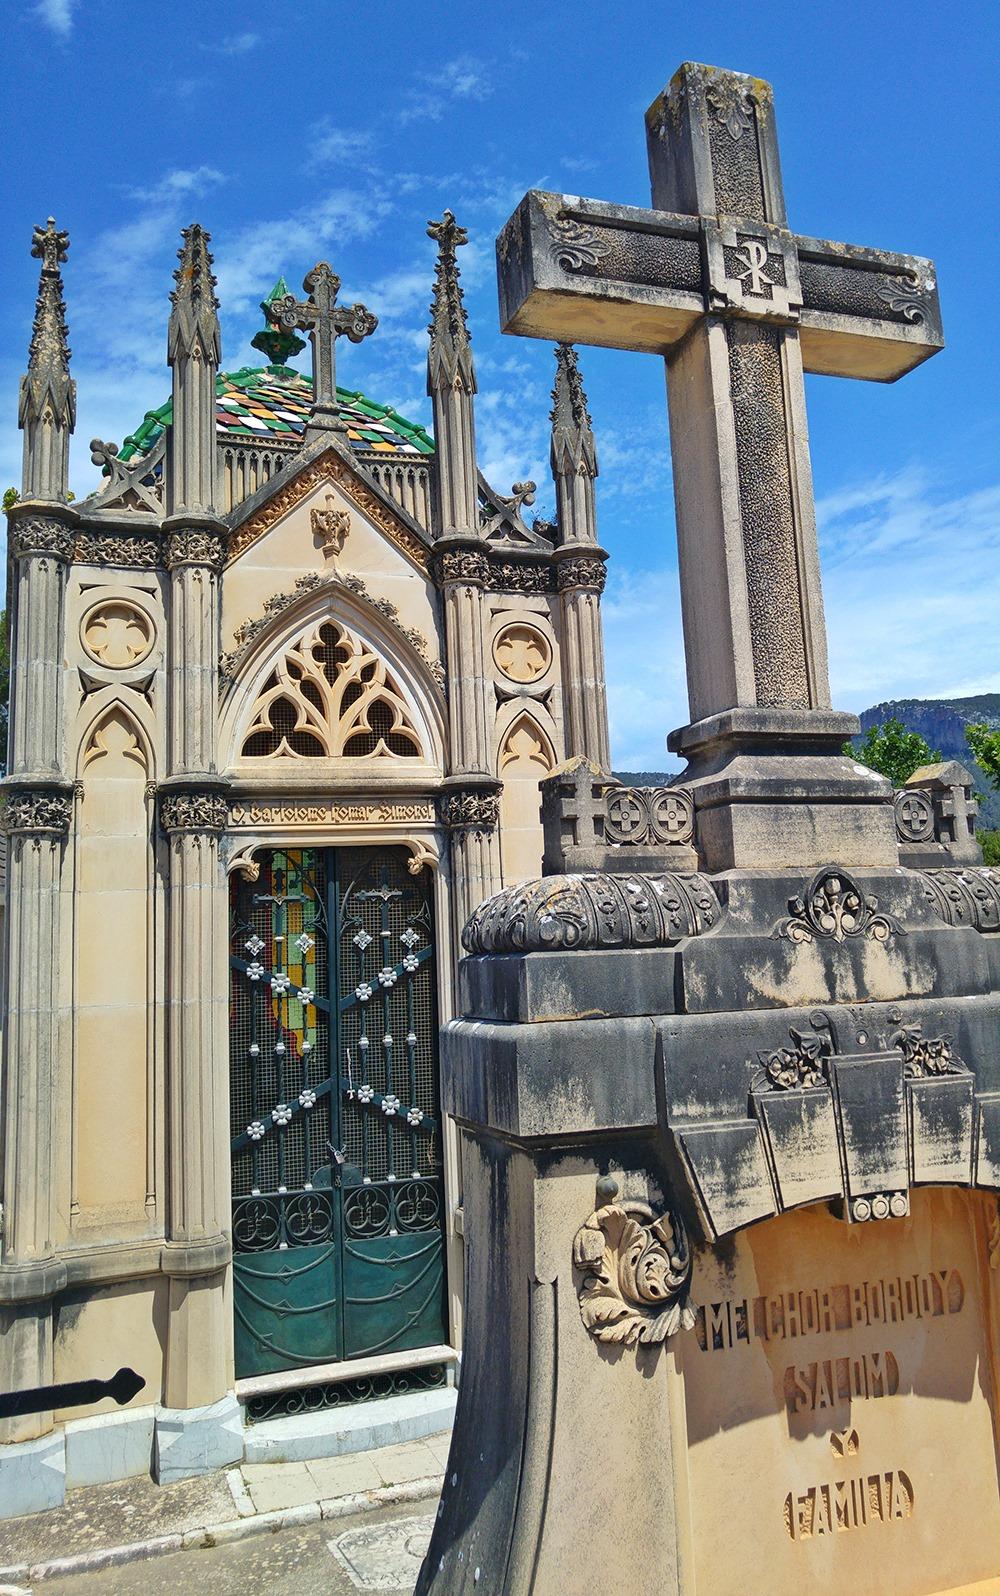 Mallorca-Alaro-Friedhof-Gruft-Buntes-Dache-Kreuz